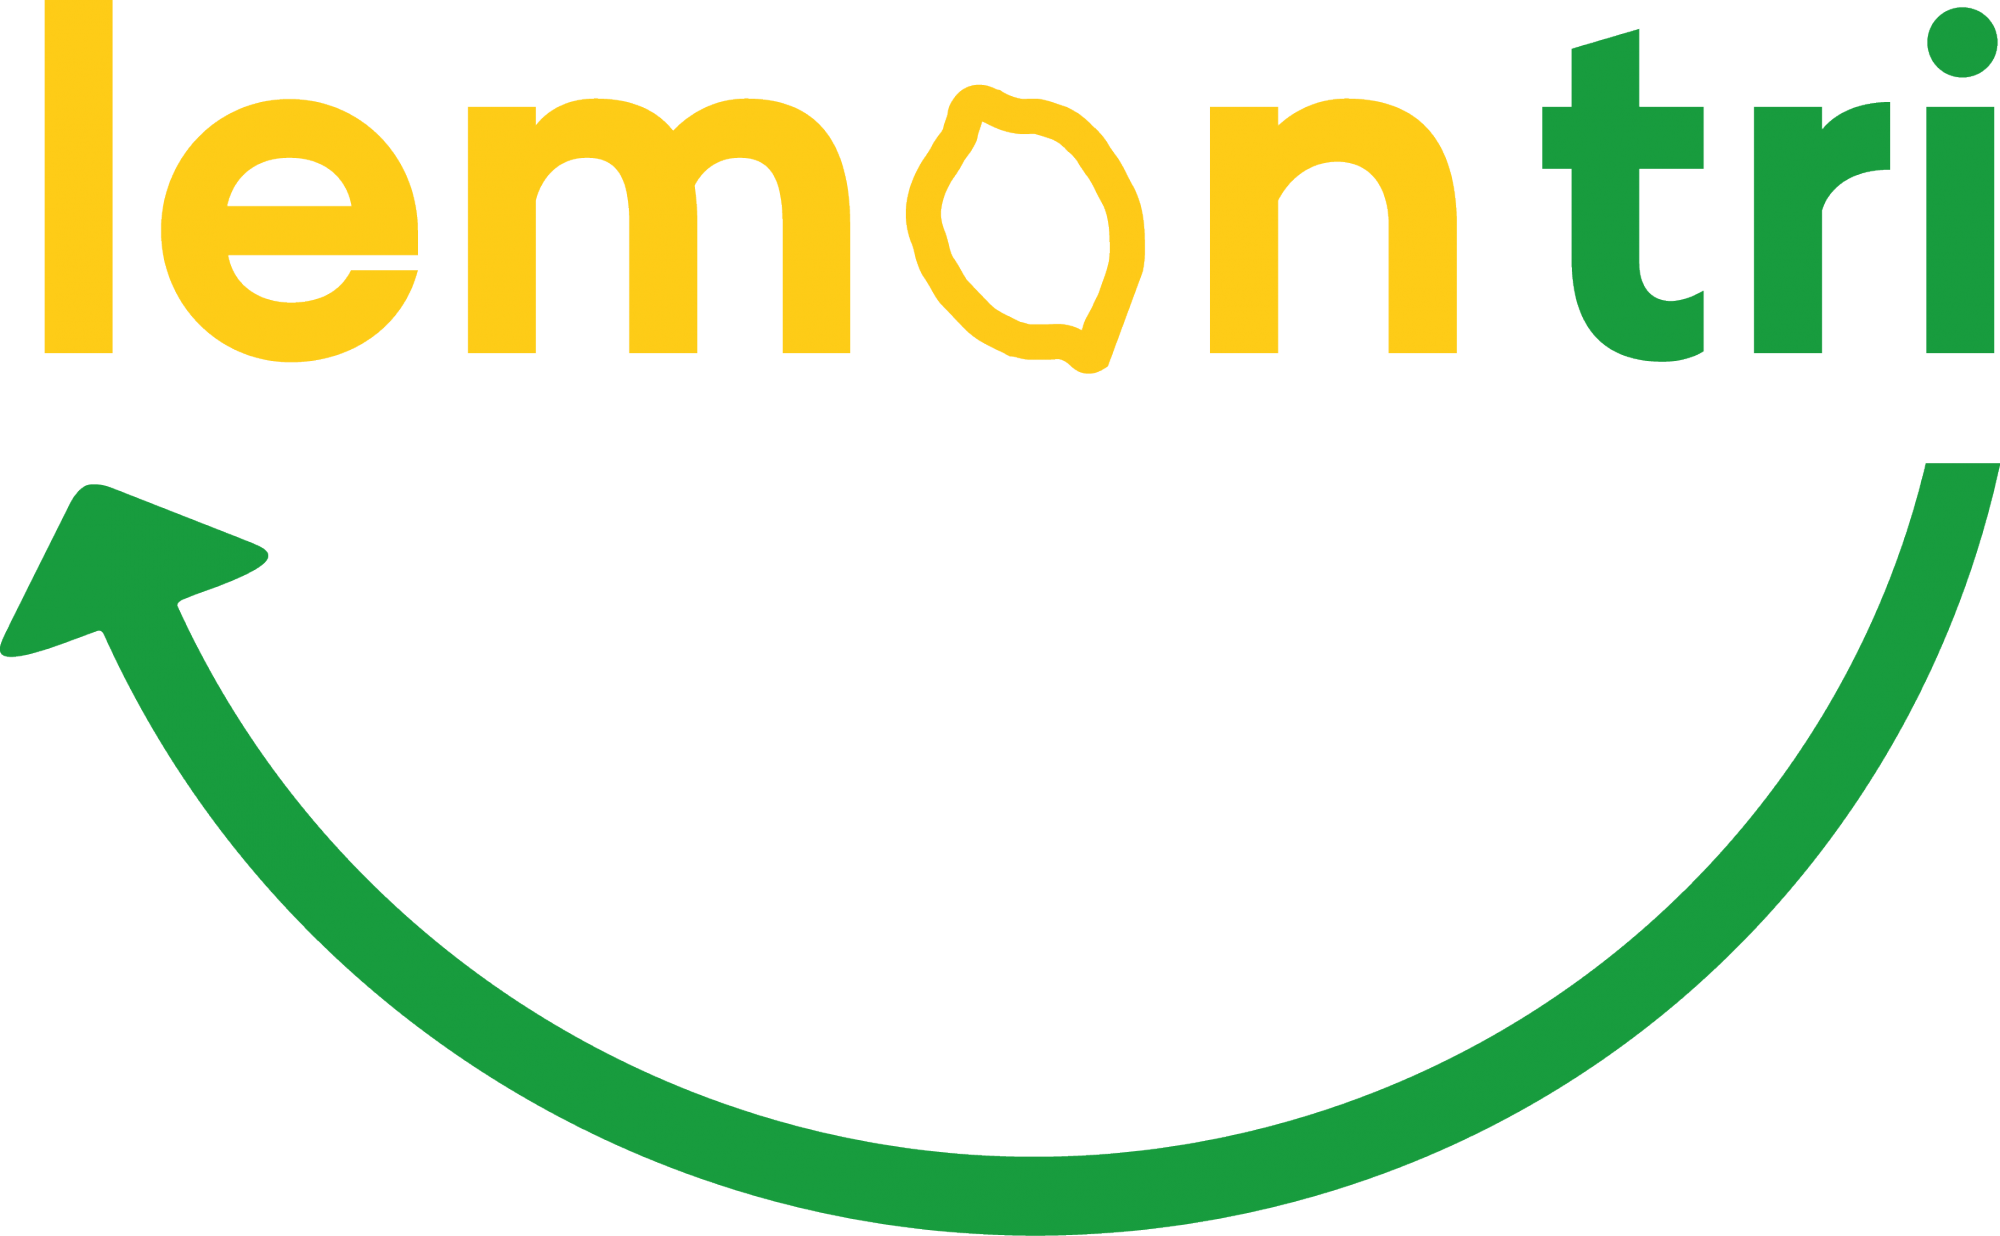 Lemon tri recyclage partenaire Mobile Cube Service